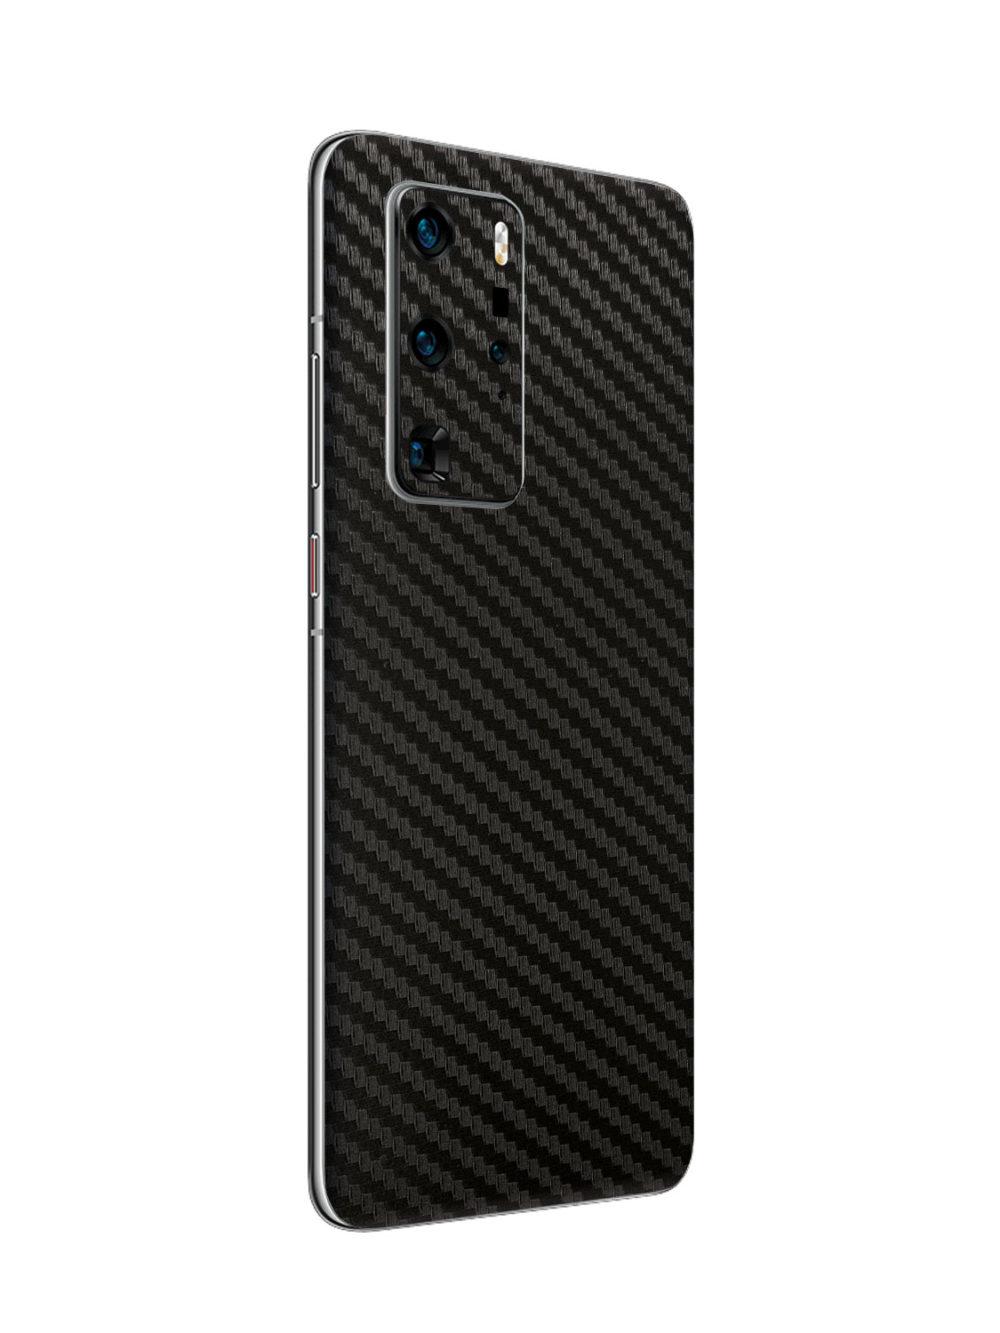 3D Carbon Fibre Vinyl Skin for Huawei P40 Pro